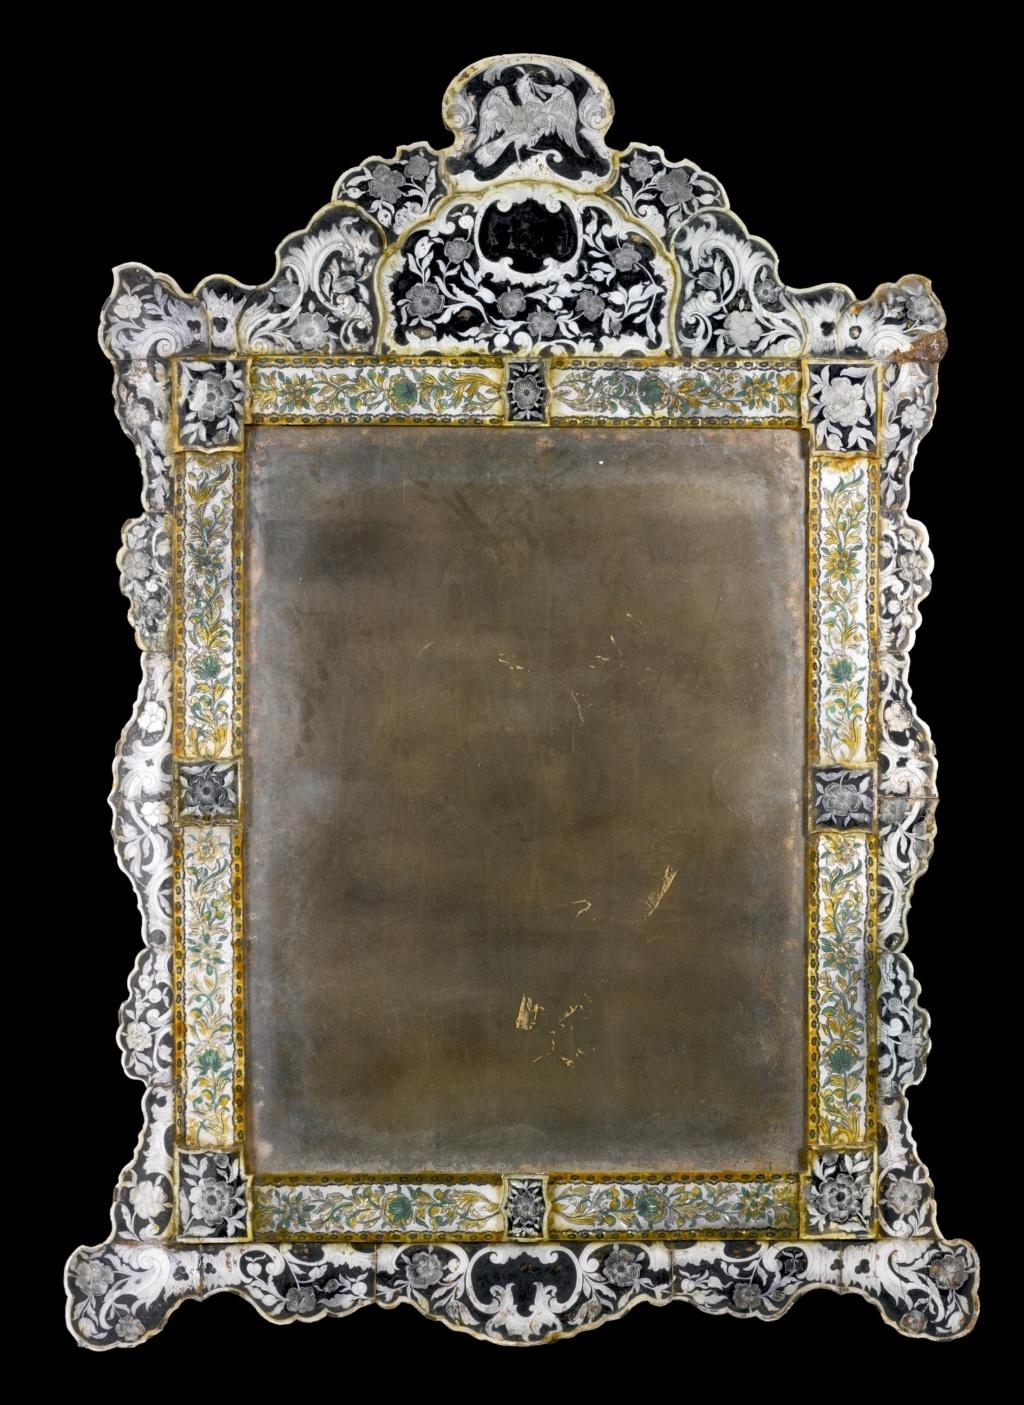 La peinture sous / sur verre chinoise au XVIIIe siècle 1105n010